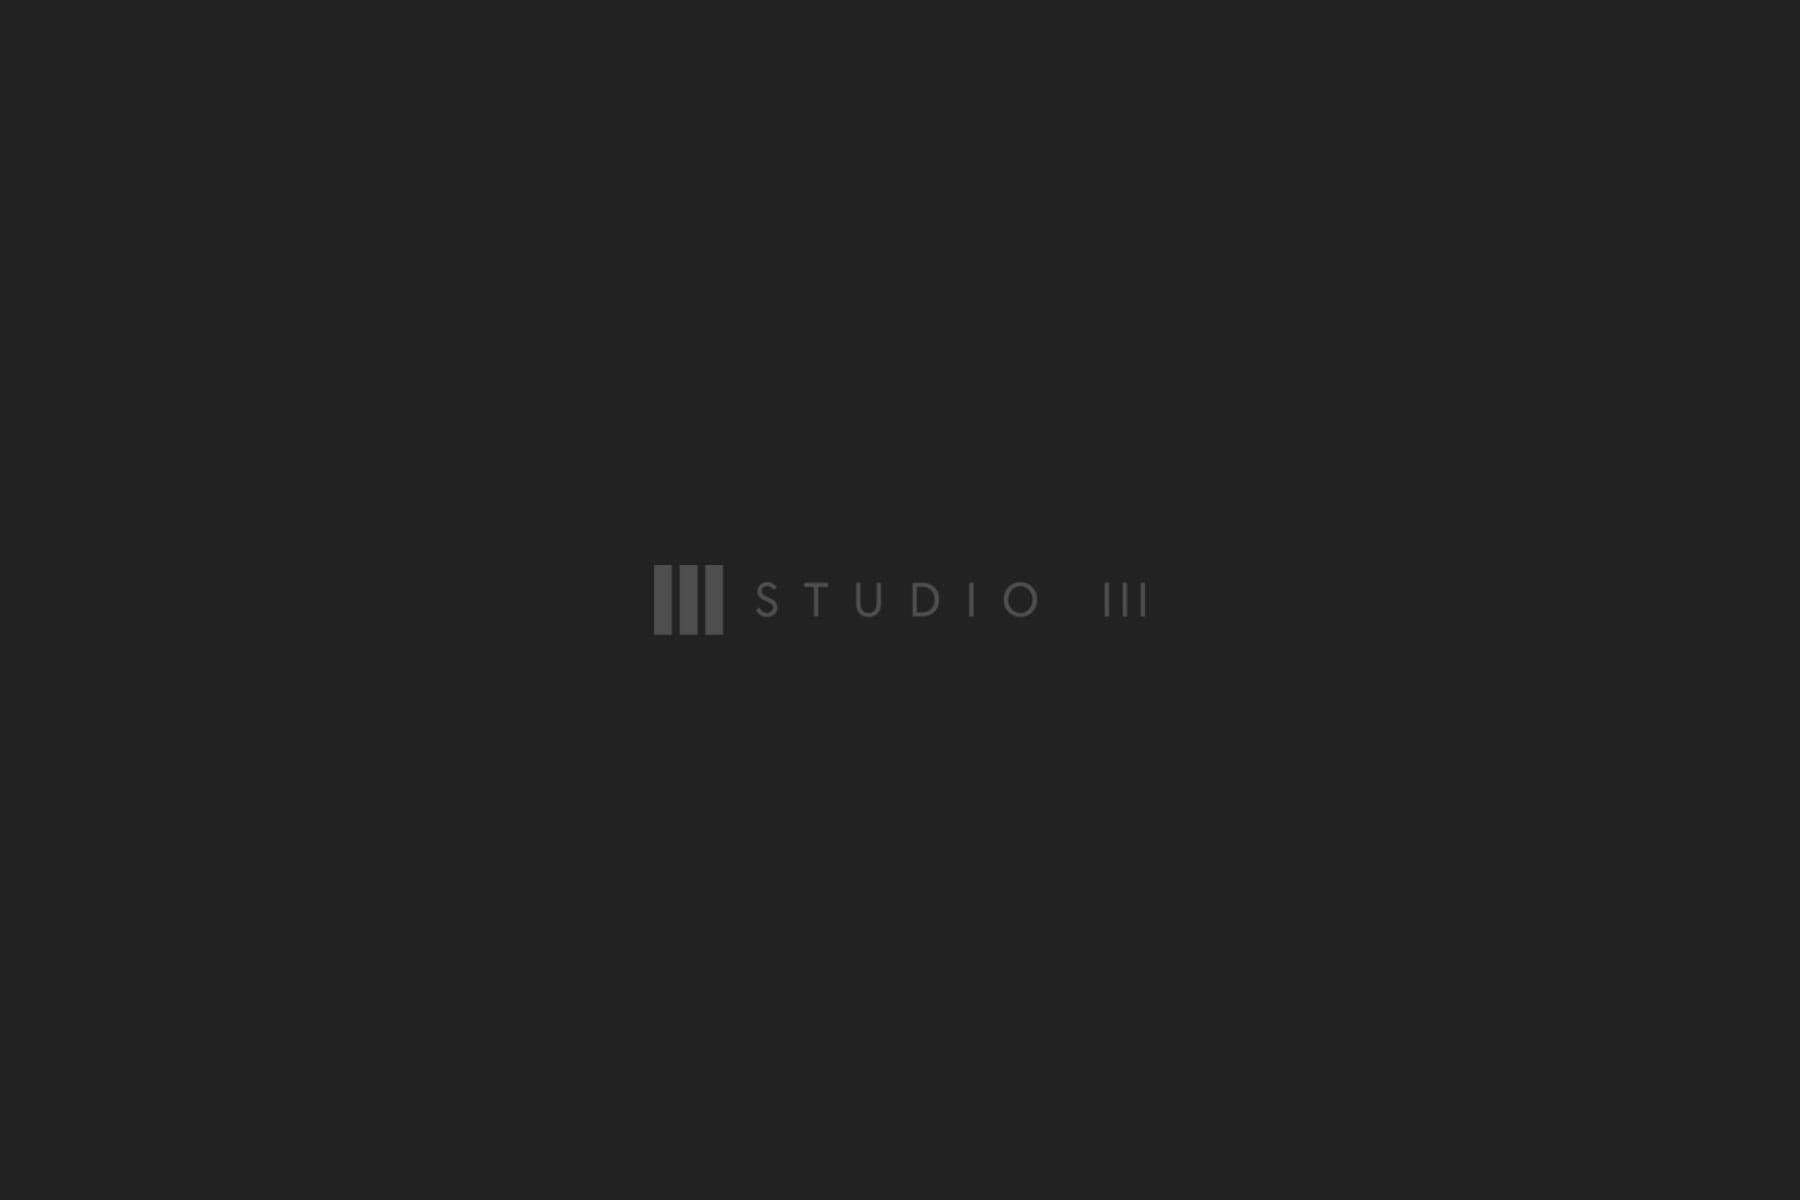 Studio III Los Angeles Website Logo